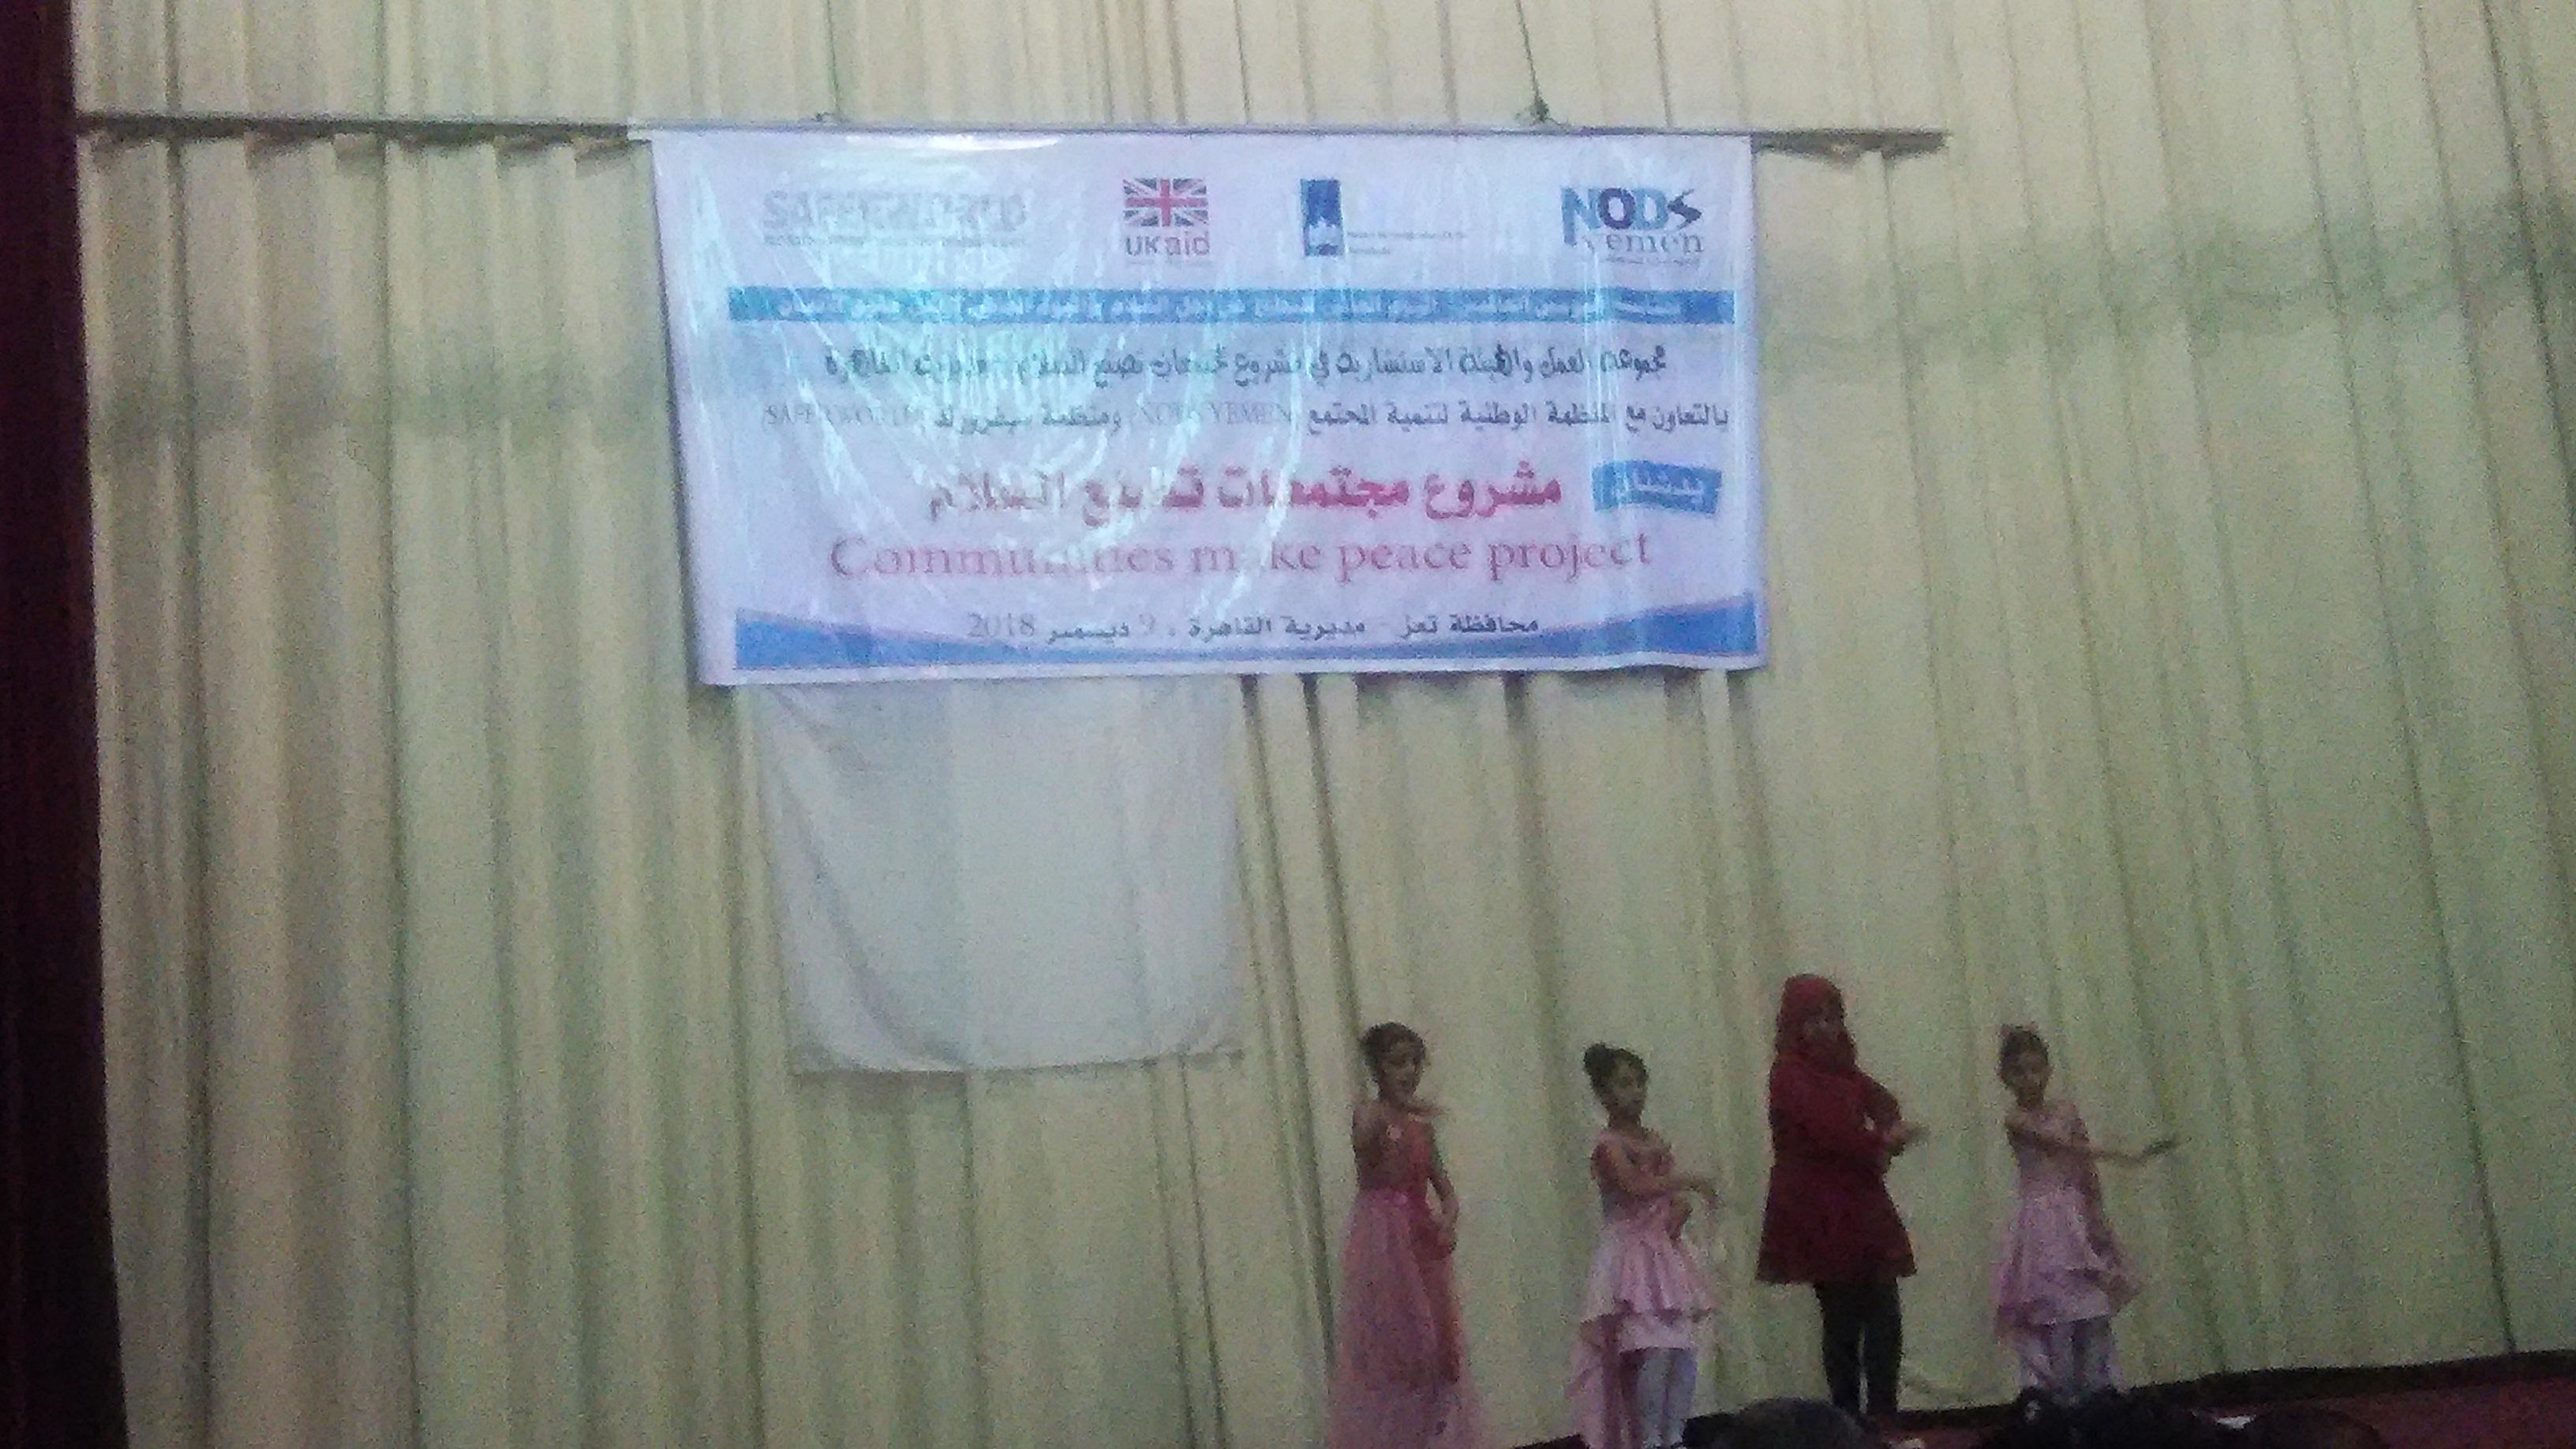 تدشين مشروع مجتمعات تصنع السلام بمحافظة تعز